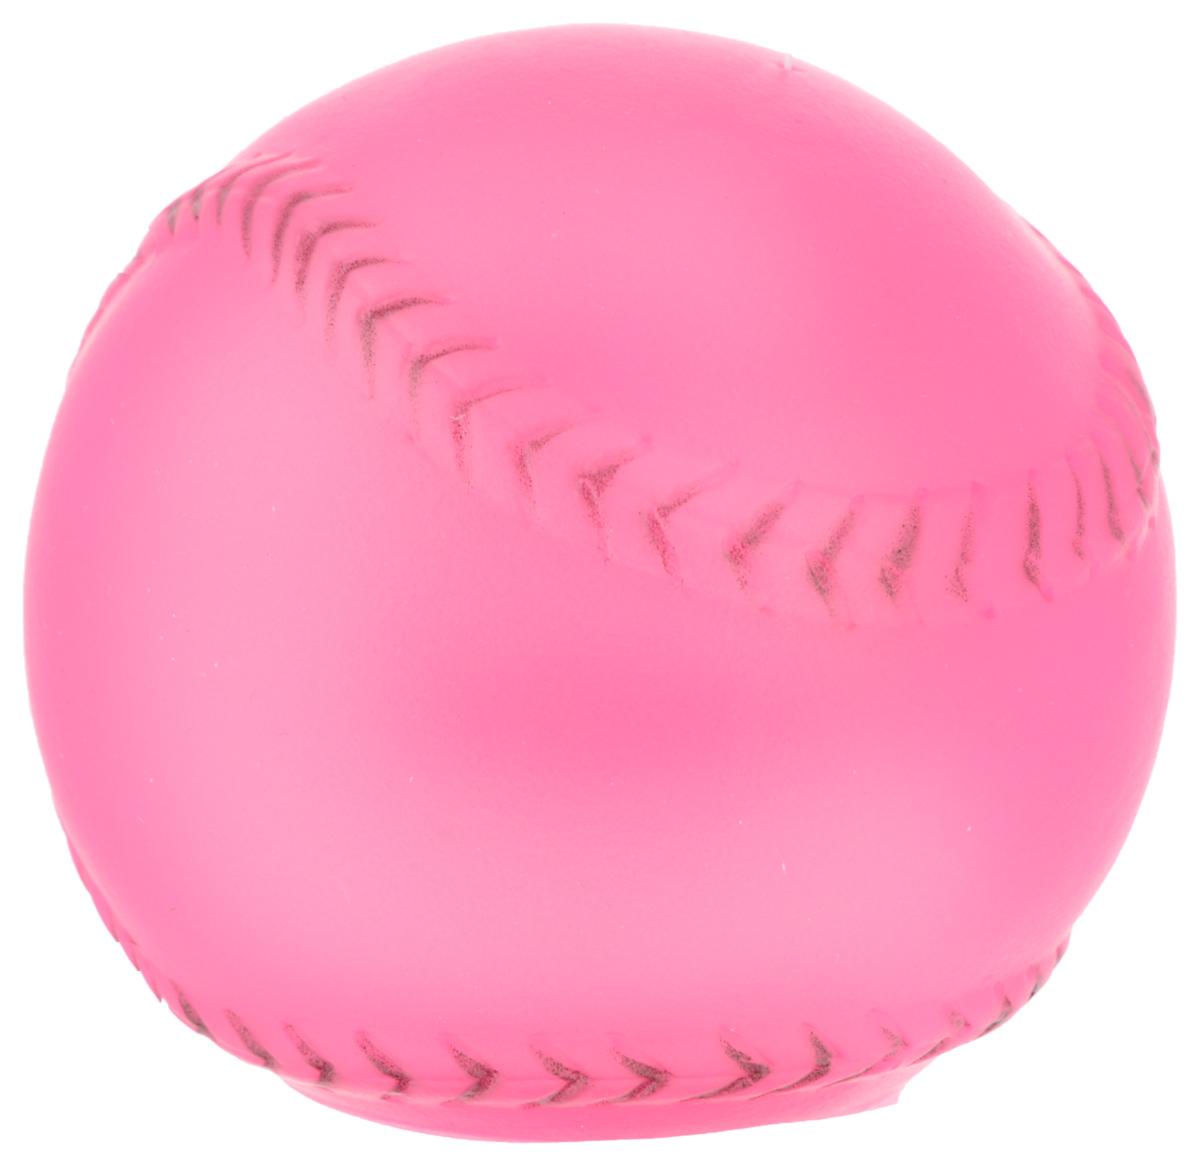 Игрушка для собак Каскад Мячик, с пищалкой, цвет: розовый, диаметр 7 см0120710Игрушка Каскад Мячик изготовлена из прочной и долговечной резины, устойчивой к разгрызанию. Необычная и забавная игрушка прекрасно подойдет для собак, любящих игрушки с пищалками. Такая игрушка порадует вашего любимца, а вам доставит массу приятных эмоций, ведь наблюдать за игрой всегда интересно и приятно. Диаметр: 7 см.